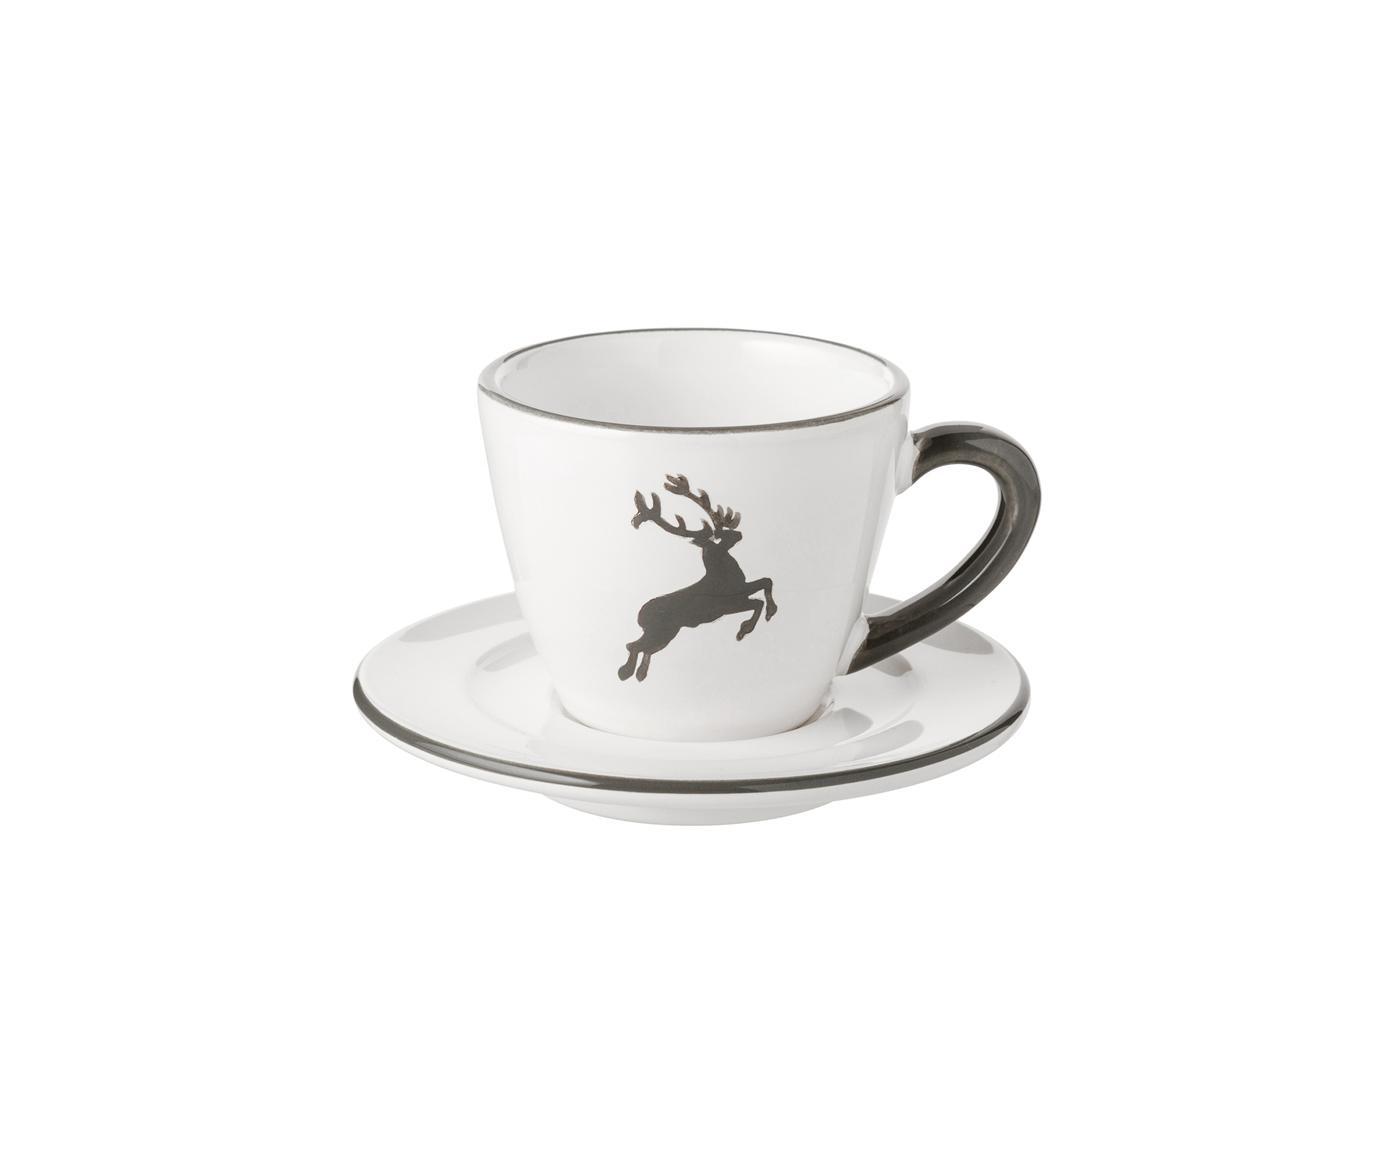 Ręcznie malowana filiżanka do espresso Gourmet Grauer Hirsch, 2 elem., Porcelana, porcelana chińska, Szary, biały, 60 ml